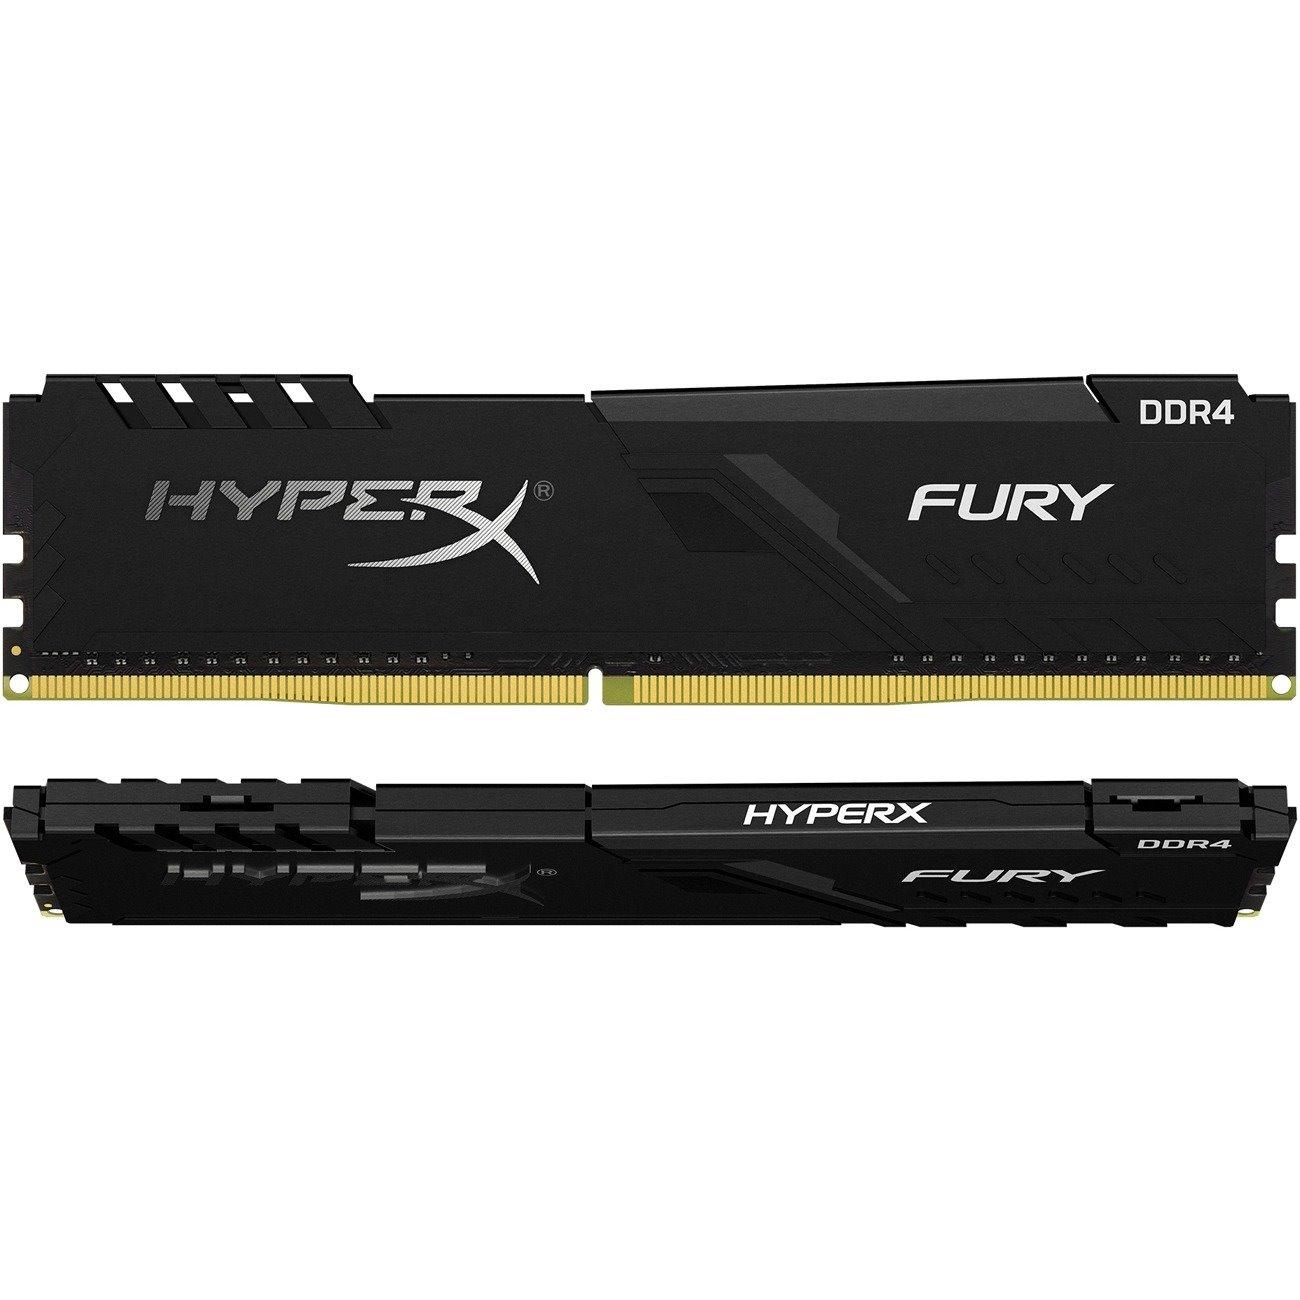 HyperX FURY RAM Module for Desktop PC - 64 GB (2 x 32 GB) - DDR4-2666/PC4-21300 DDR4 SDRAM - CL16 - 1.20 V